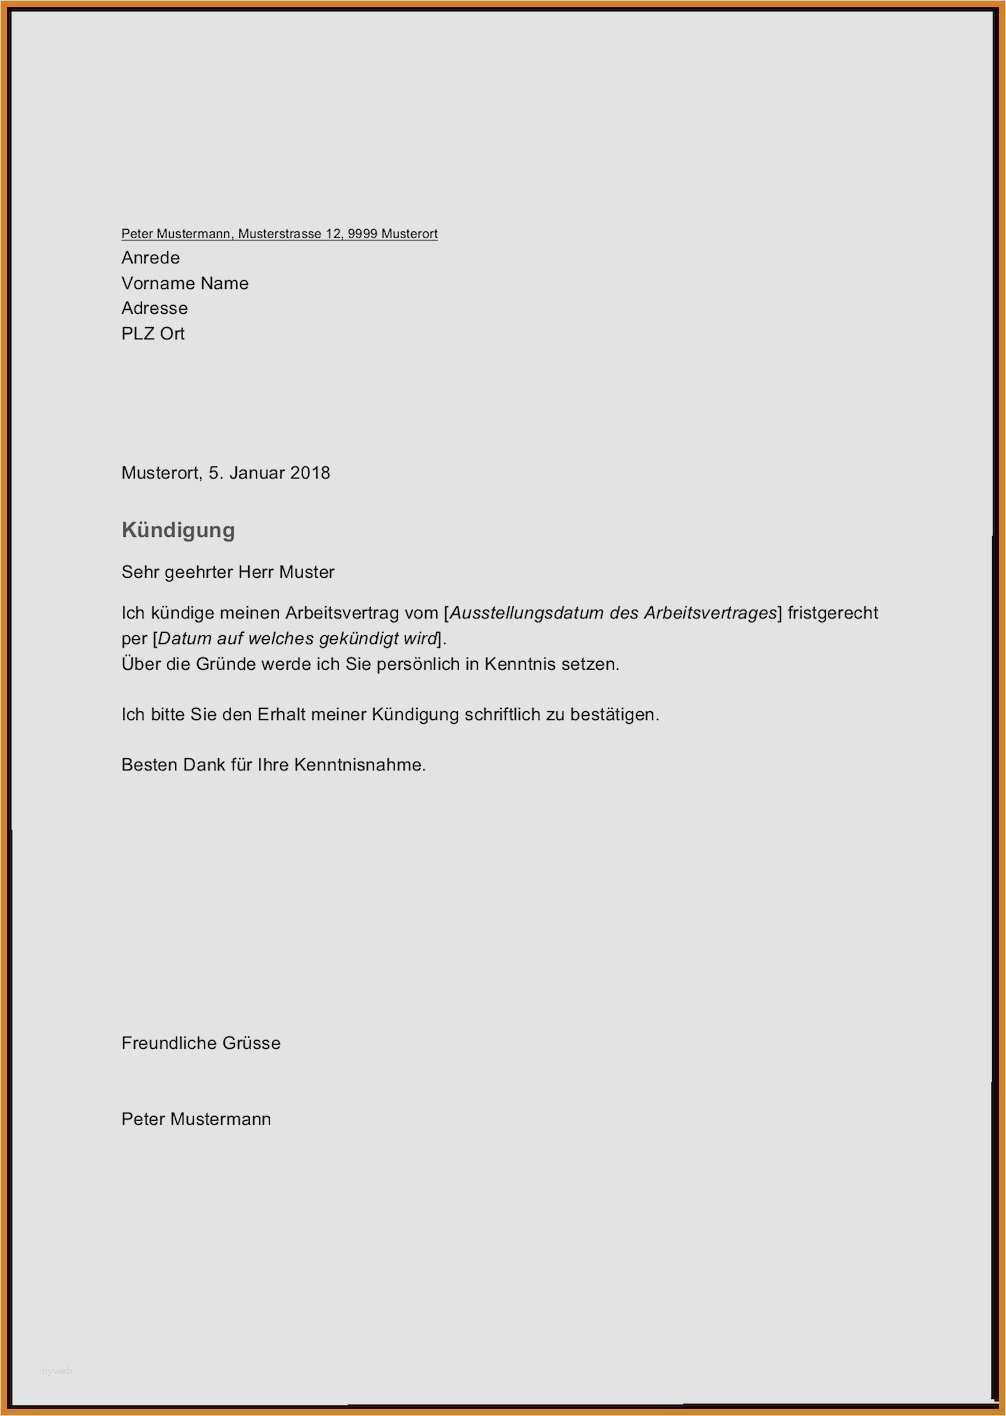 Kundigungsschreiben Verein Vorlage 36 Wunderbar Ebendiese Konnen Anpassen Fur Ihre Ideen Samm Kundigung Schreiben Briefvorlagen Lebenslauf Layout